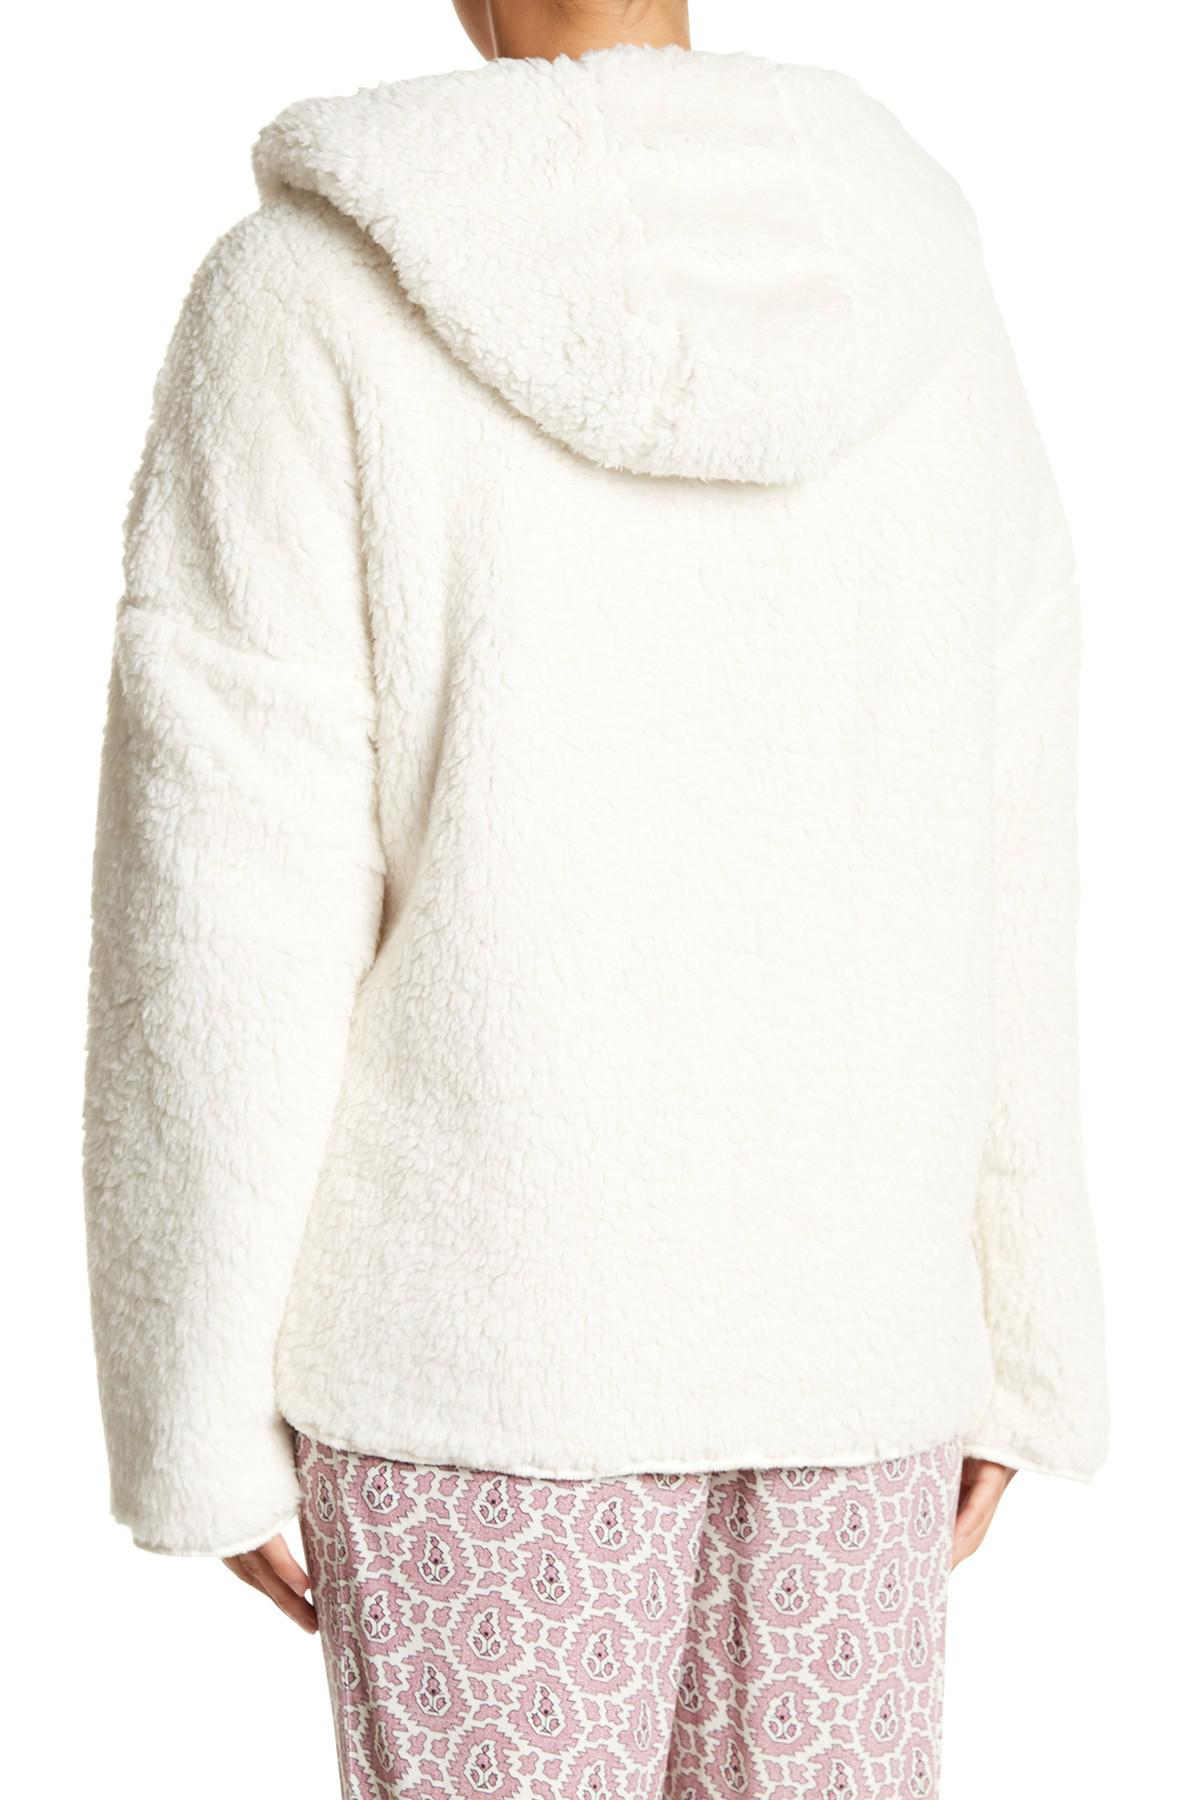 Pj salvage Open Fleece Cardigan in Natural | Lyst